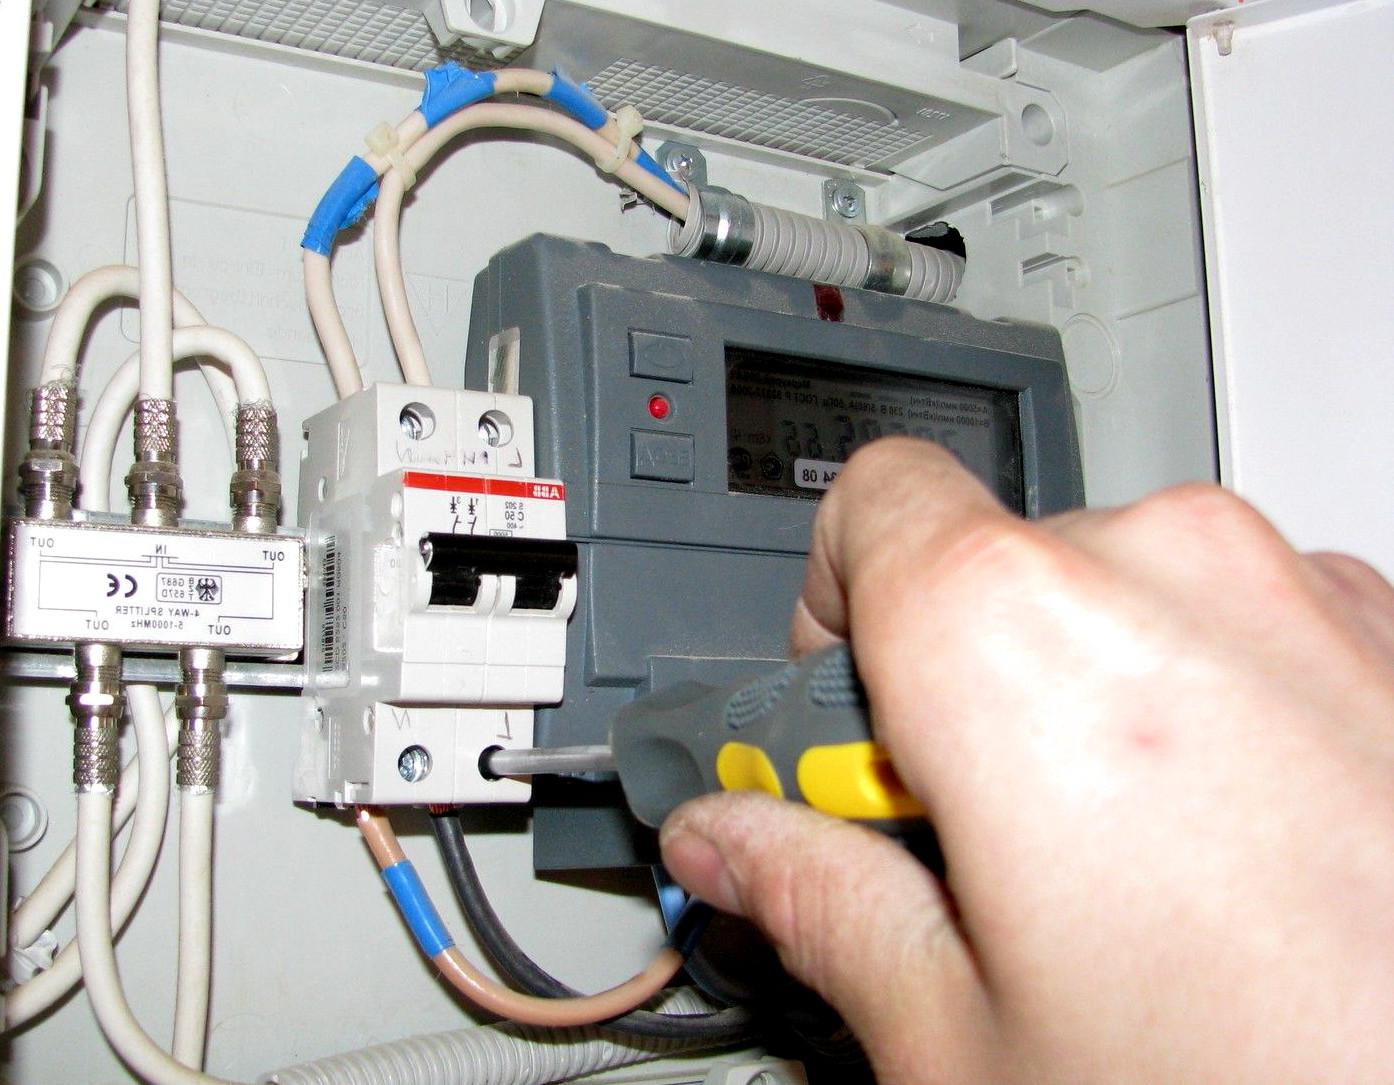 Навязывание услуг по замене электросчётчиков незаконно